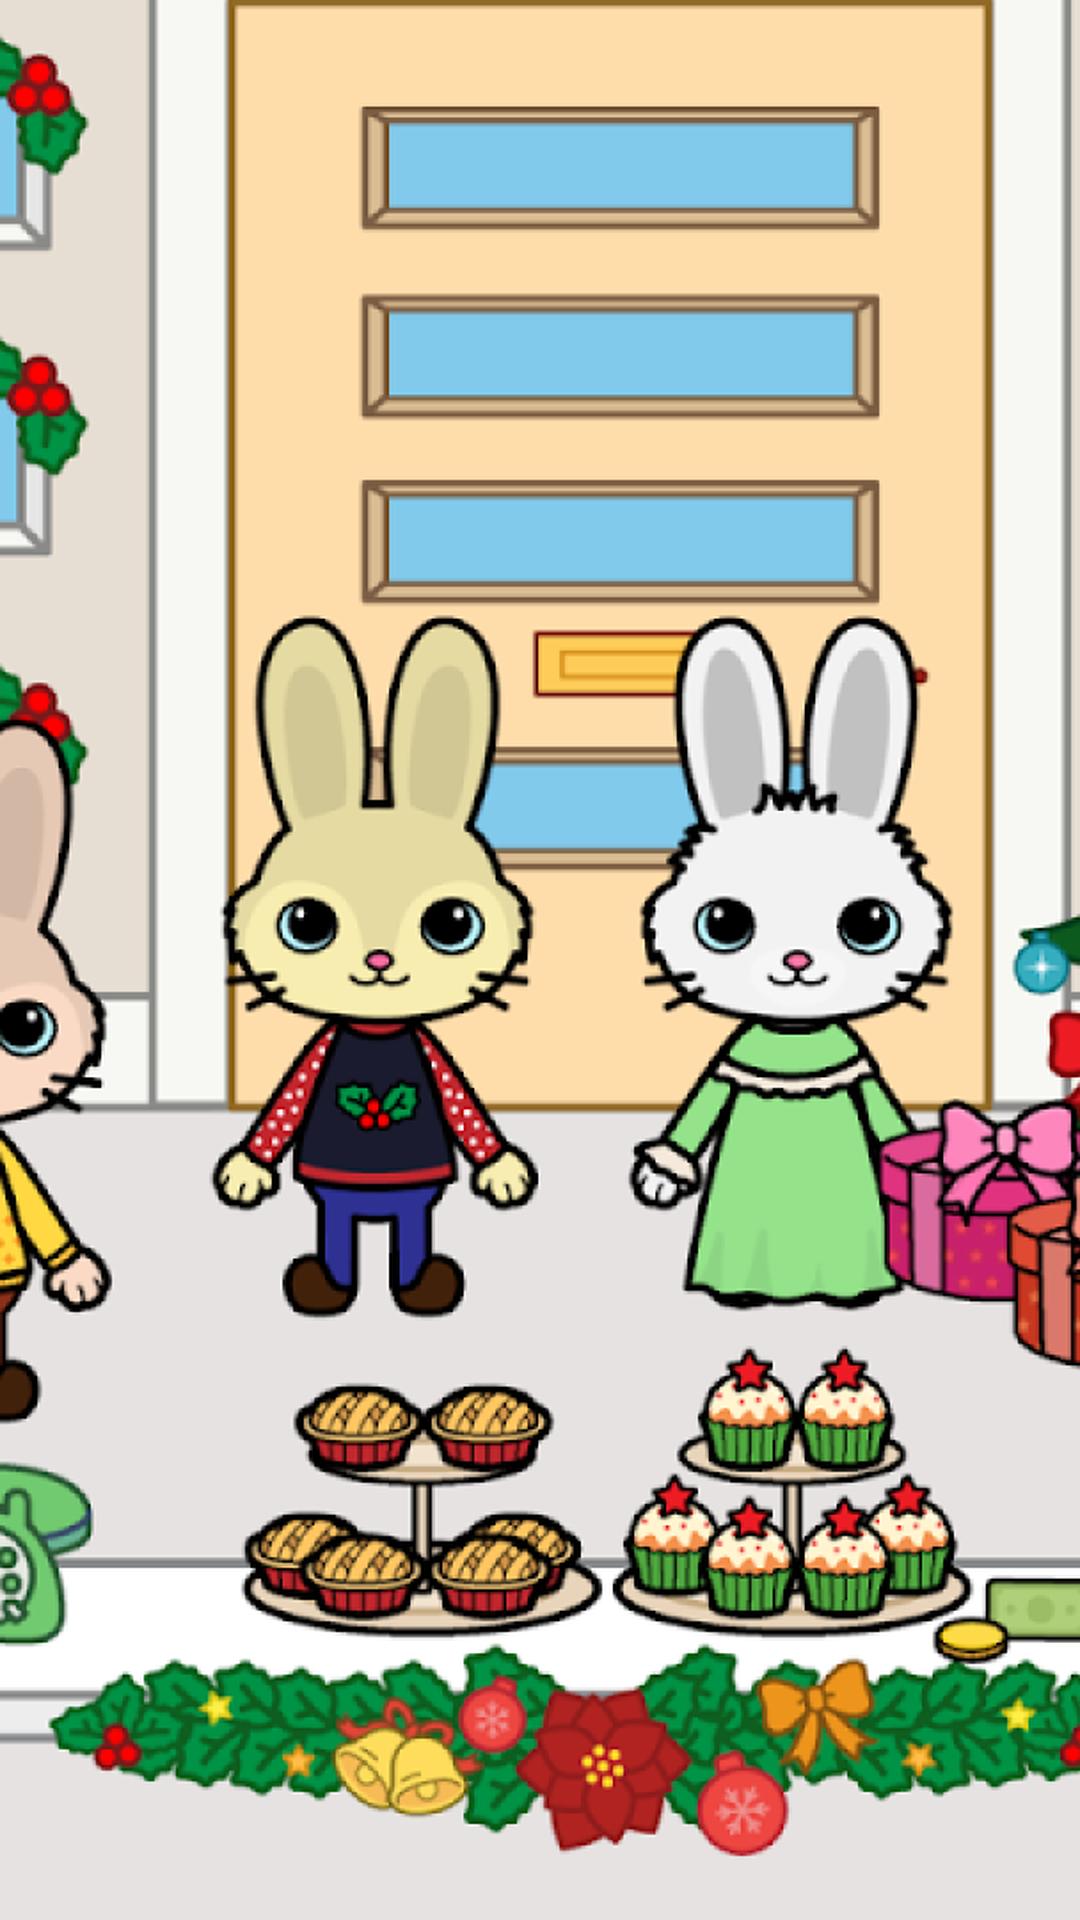 兔子小镇游戏